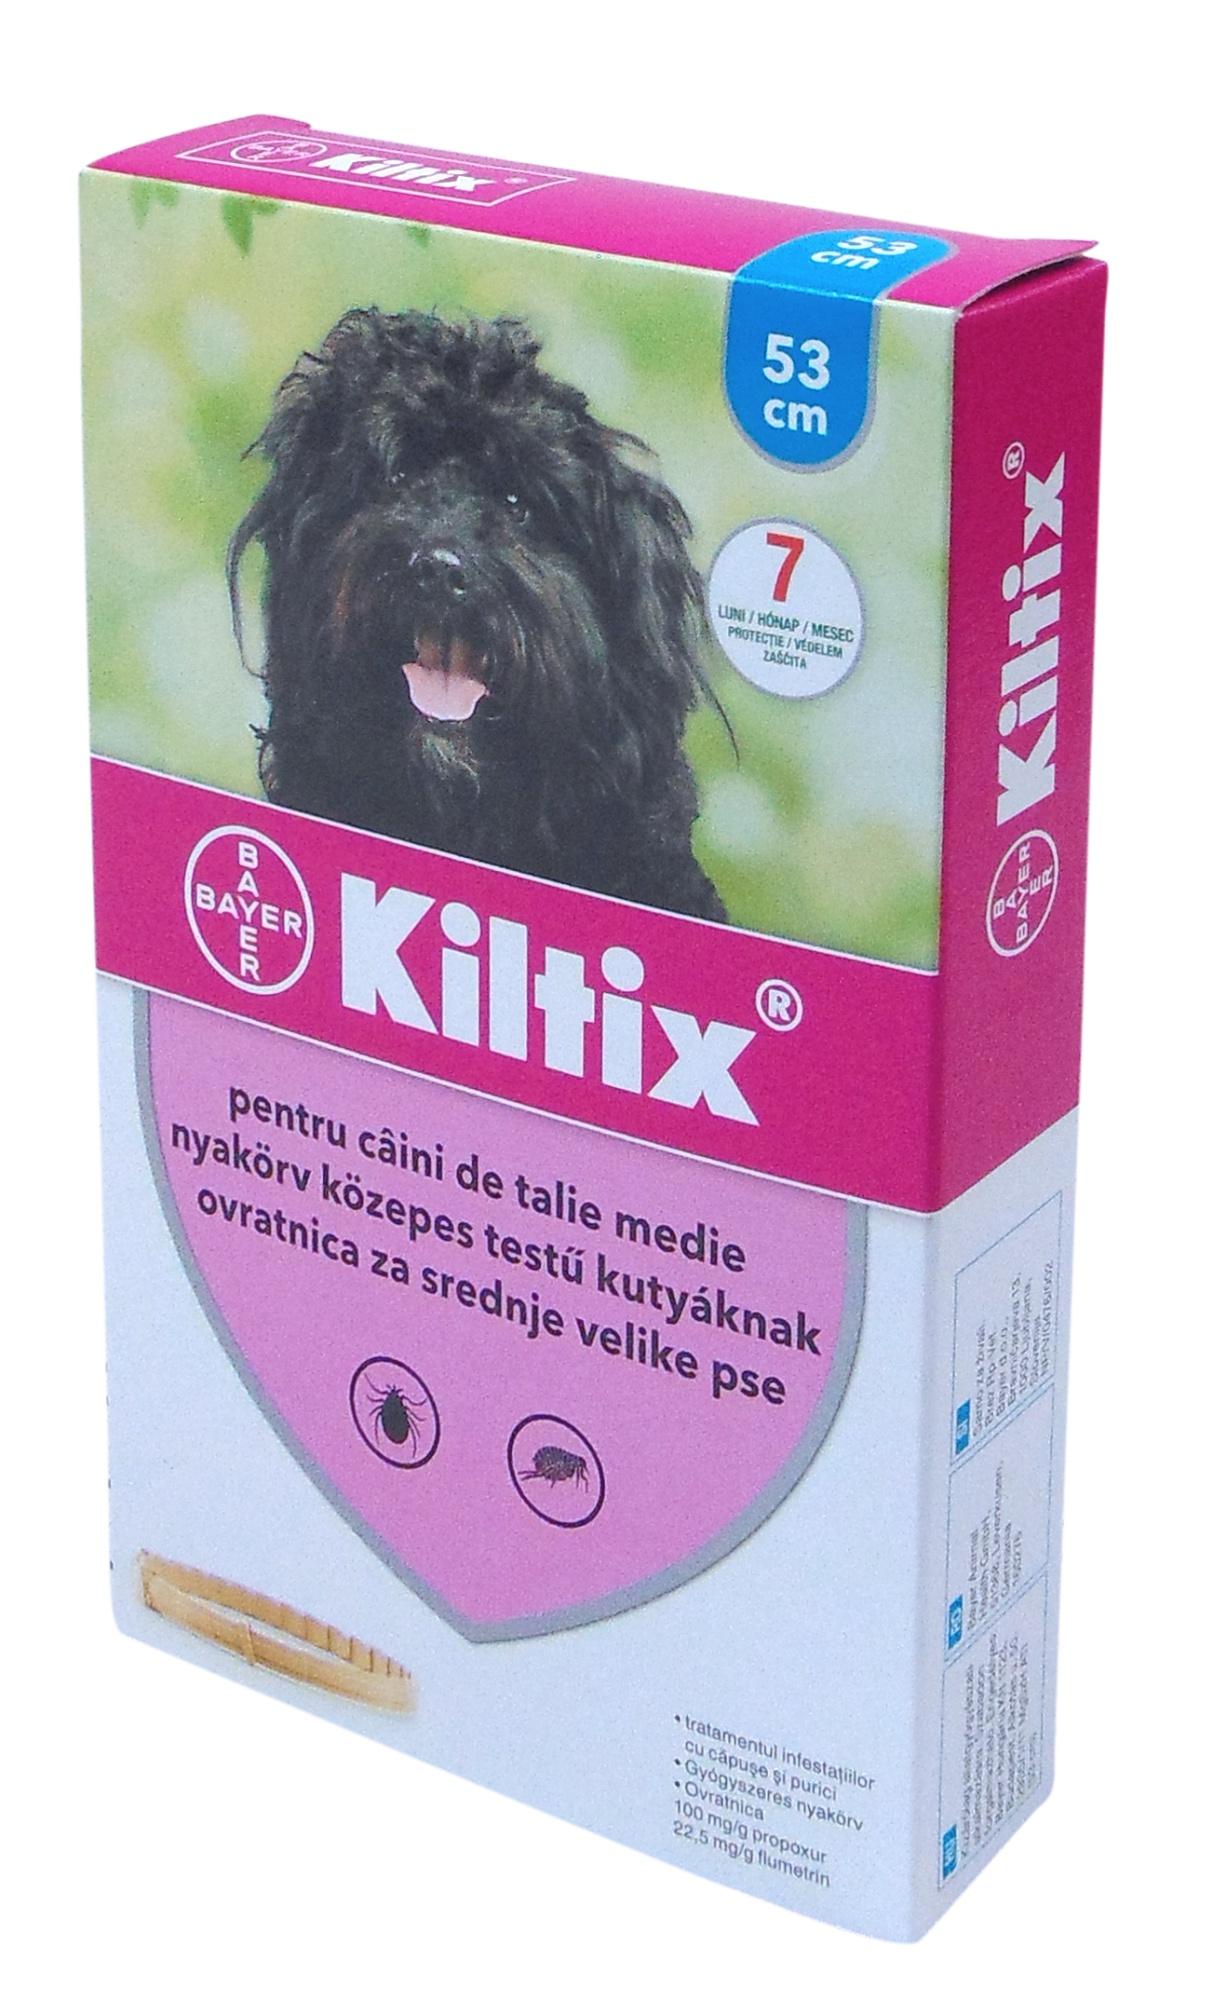 kiltix-bolha-kullancs-elleni-nyakorv-kozepes